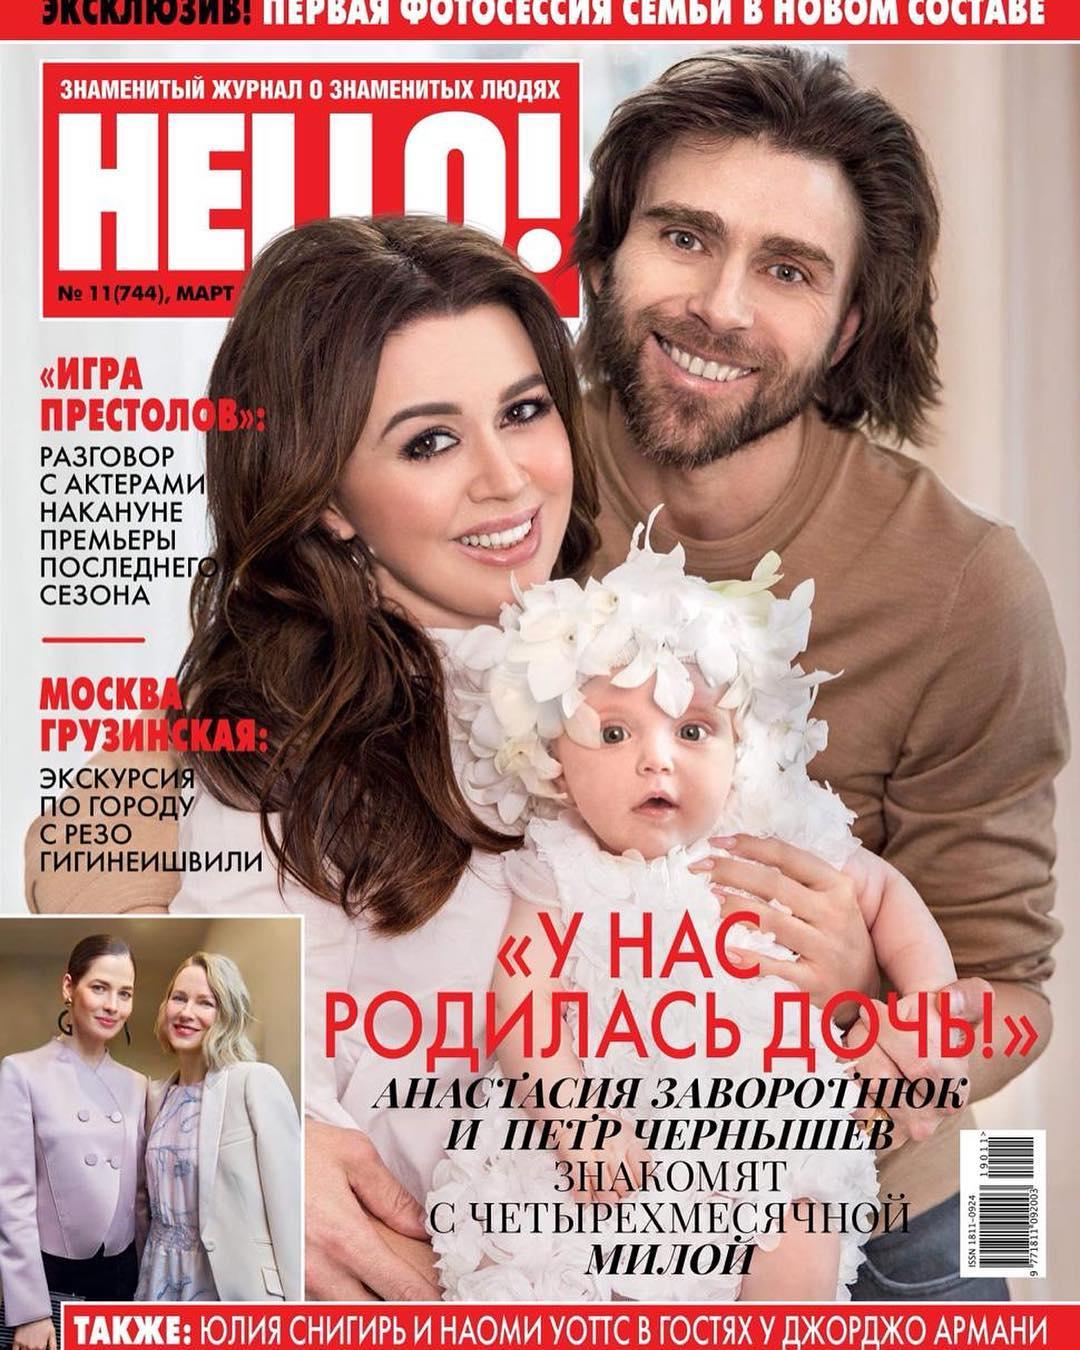 Анастасия Заворотнюк стала мамой в третий раз